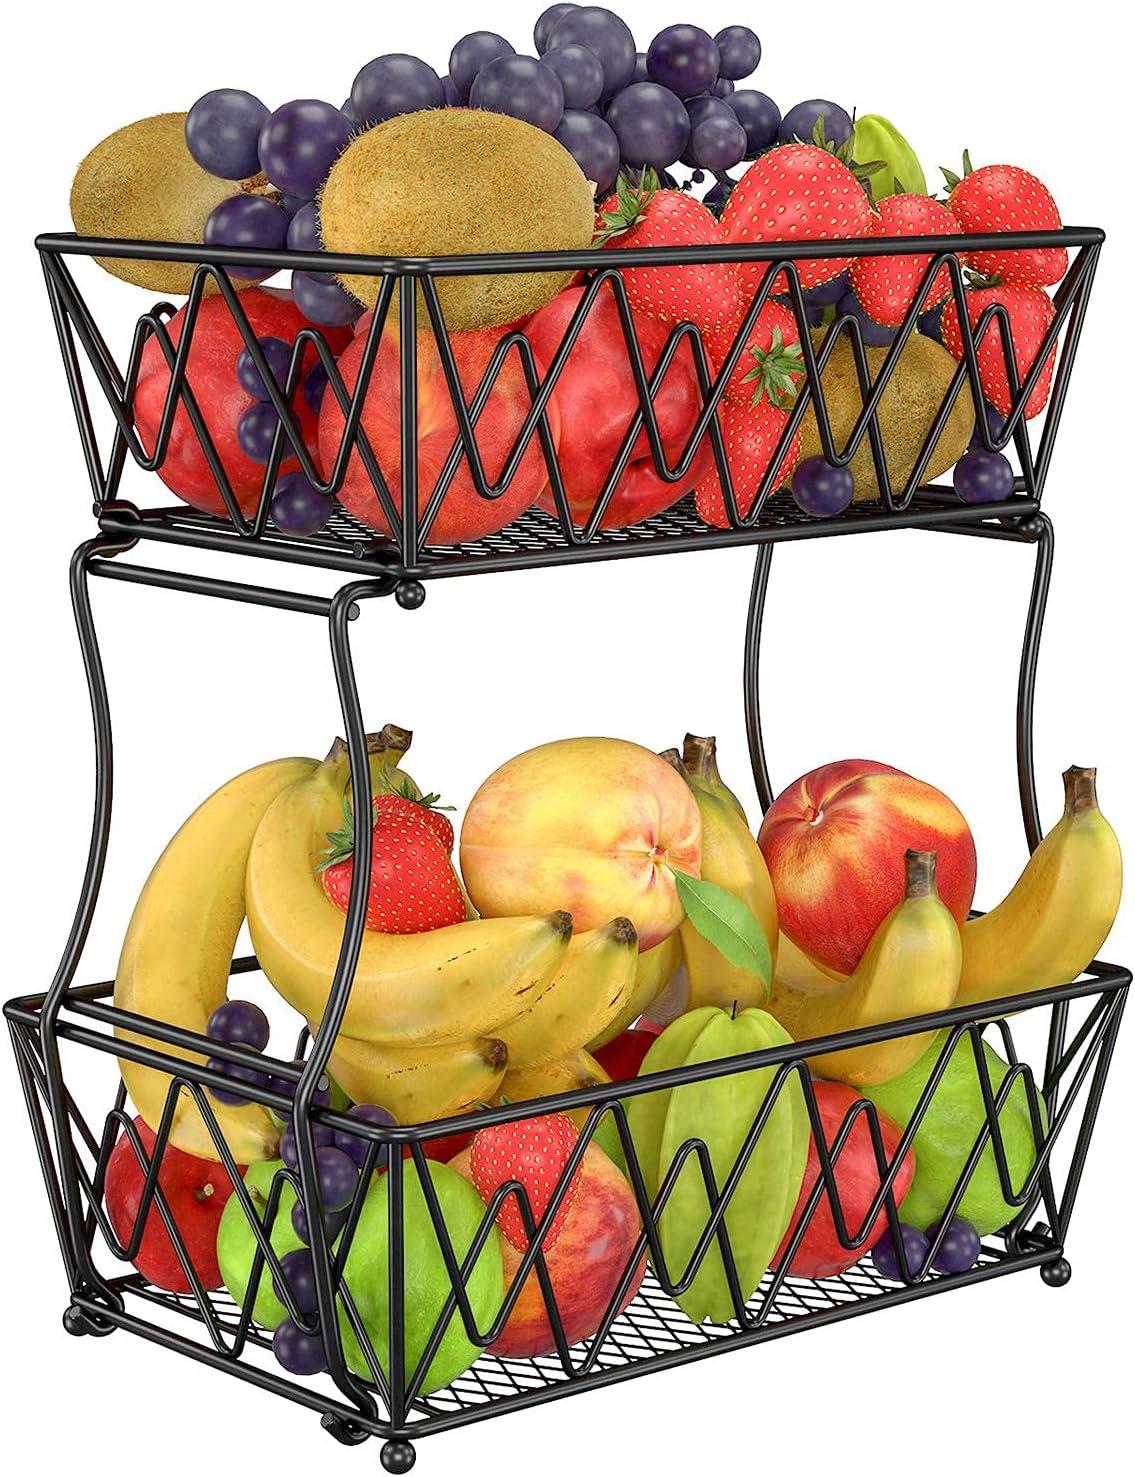 Frutero de 2 pisos, gran capacidad, decorativo, fácil de desmontar y de usar independientemente, se puede utilizar para colocar frutas, verduras, pan de metal, color negro, 29 x 19 x 33 cm